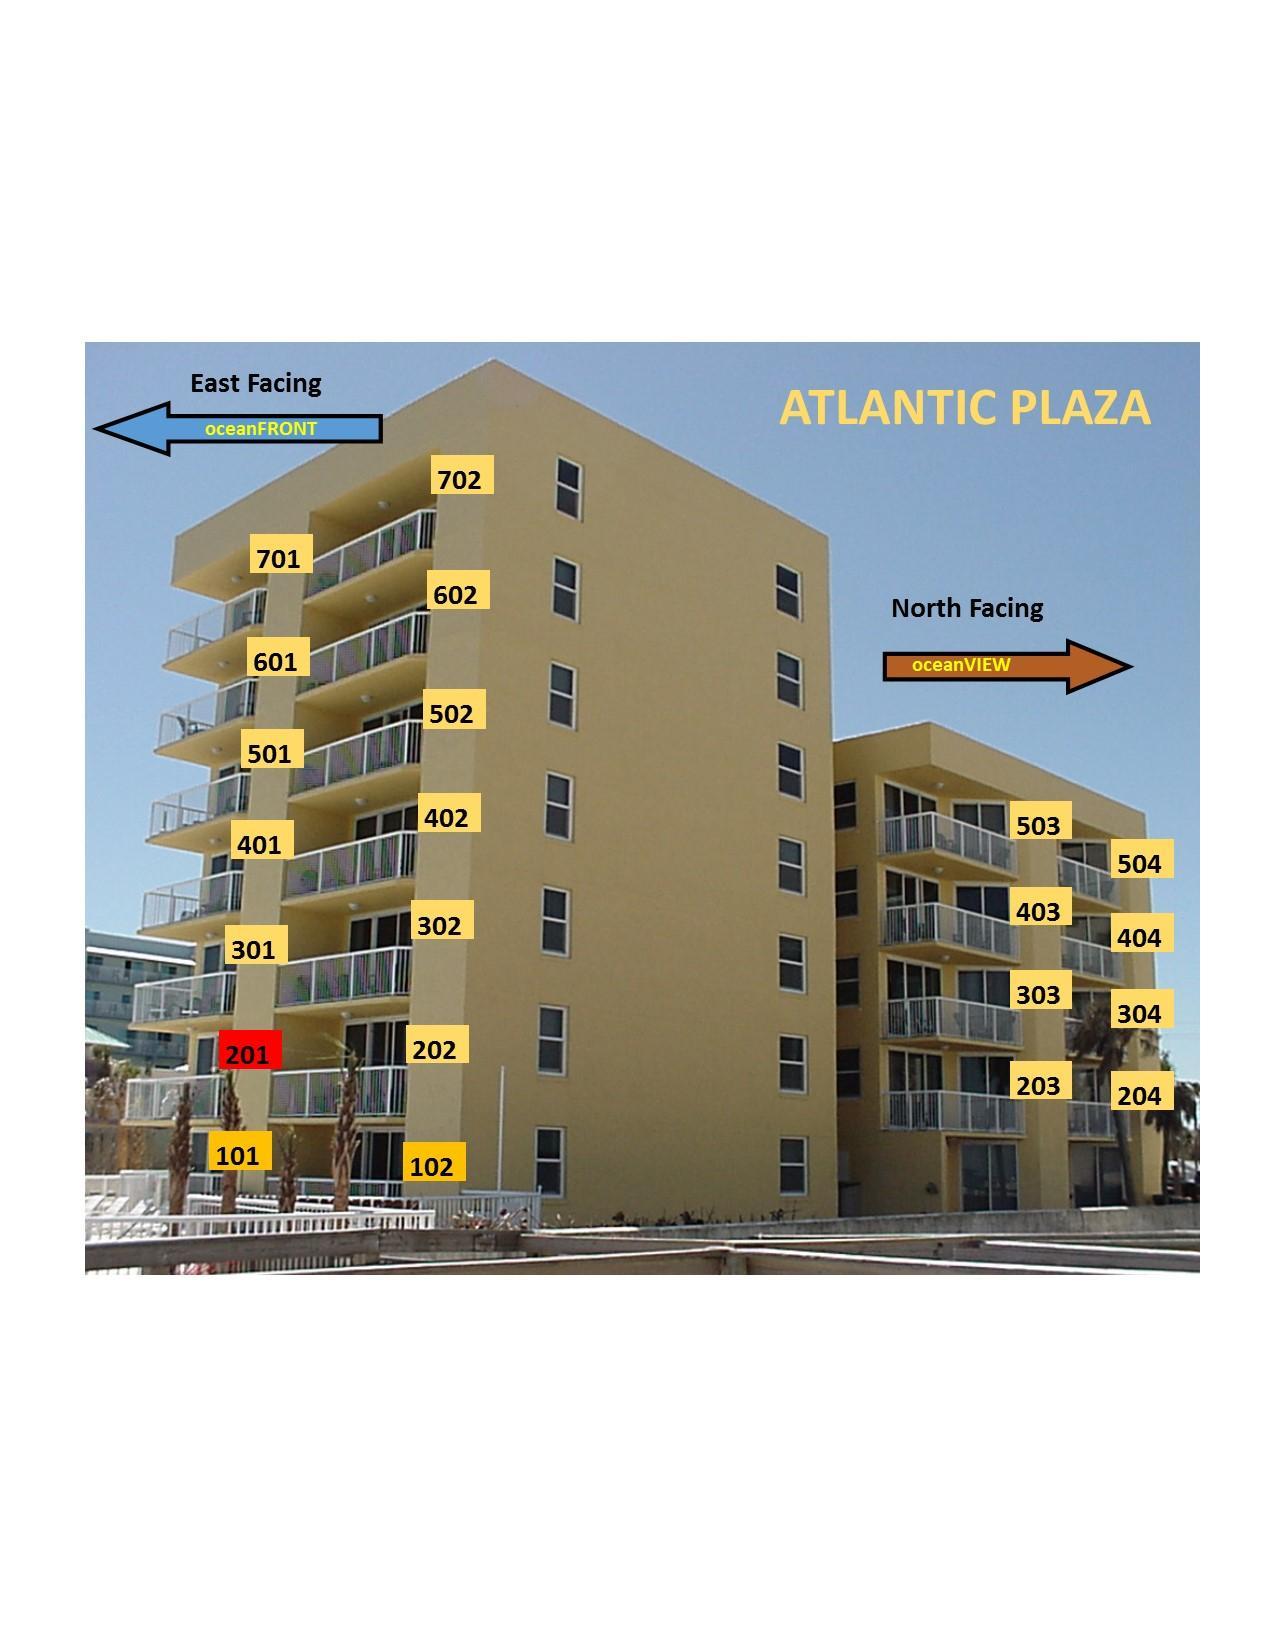 OceanFRONT unit 201 (2nd floor)